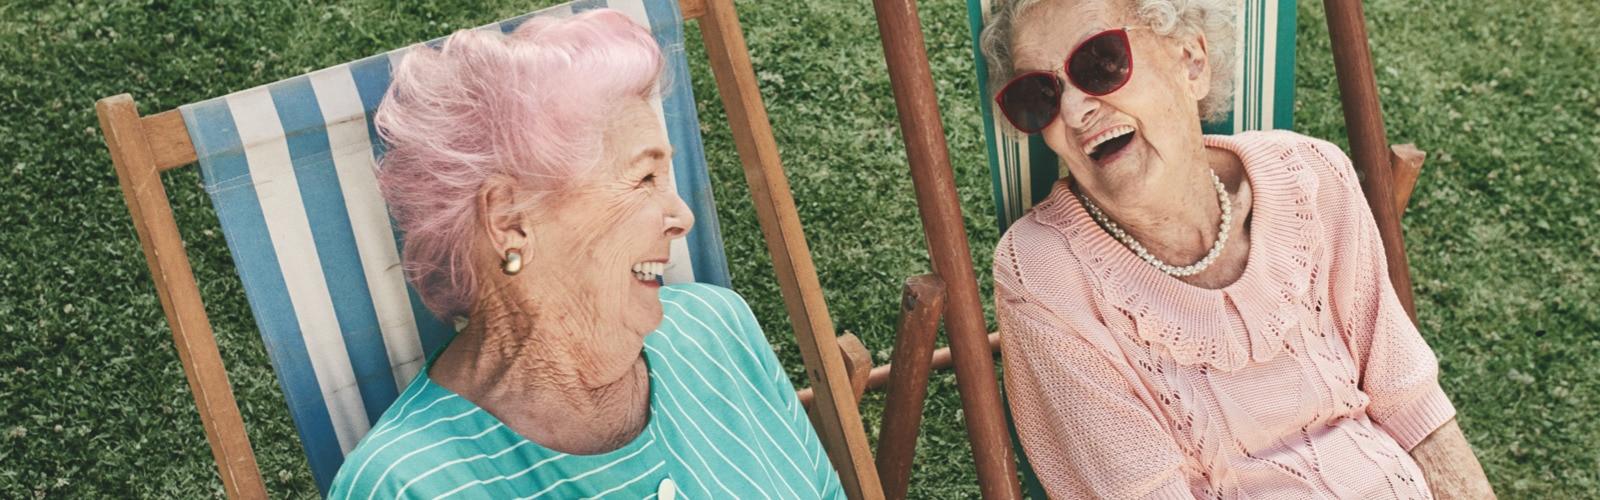 Zariadenia sociálnych služieb, ktoré poskytujú starostlivosť seniorom